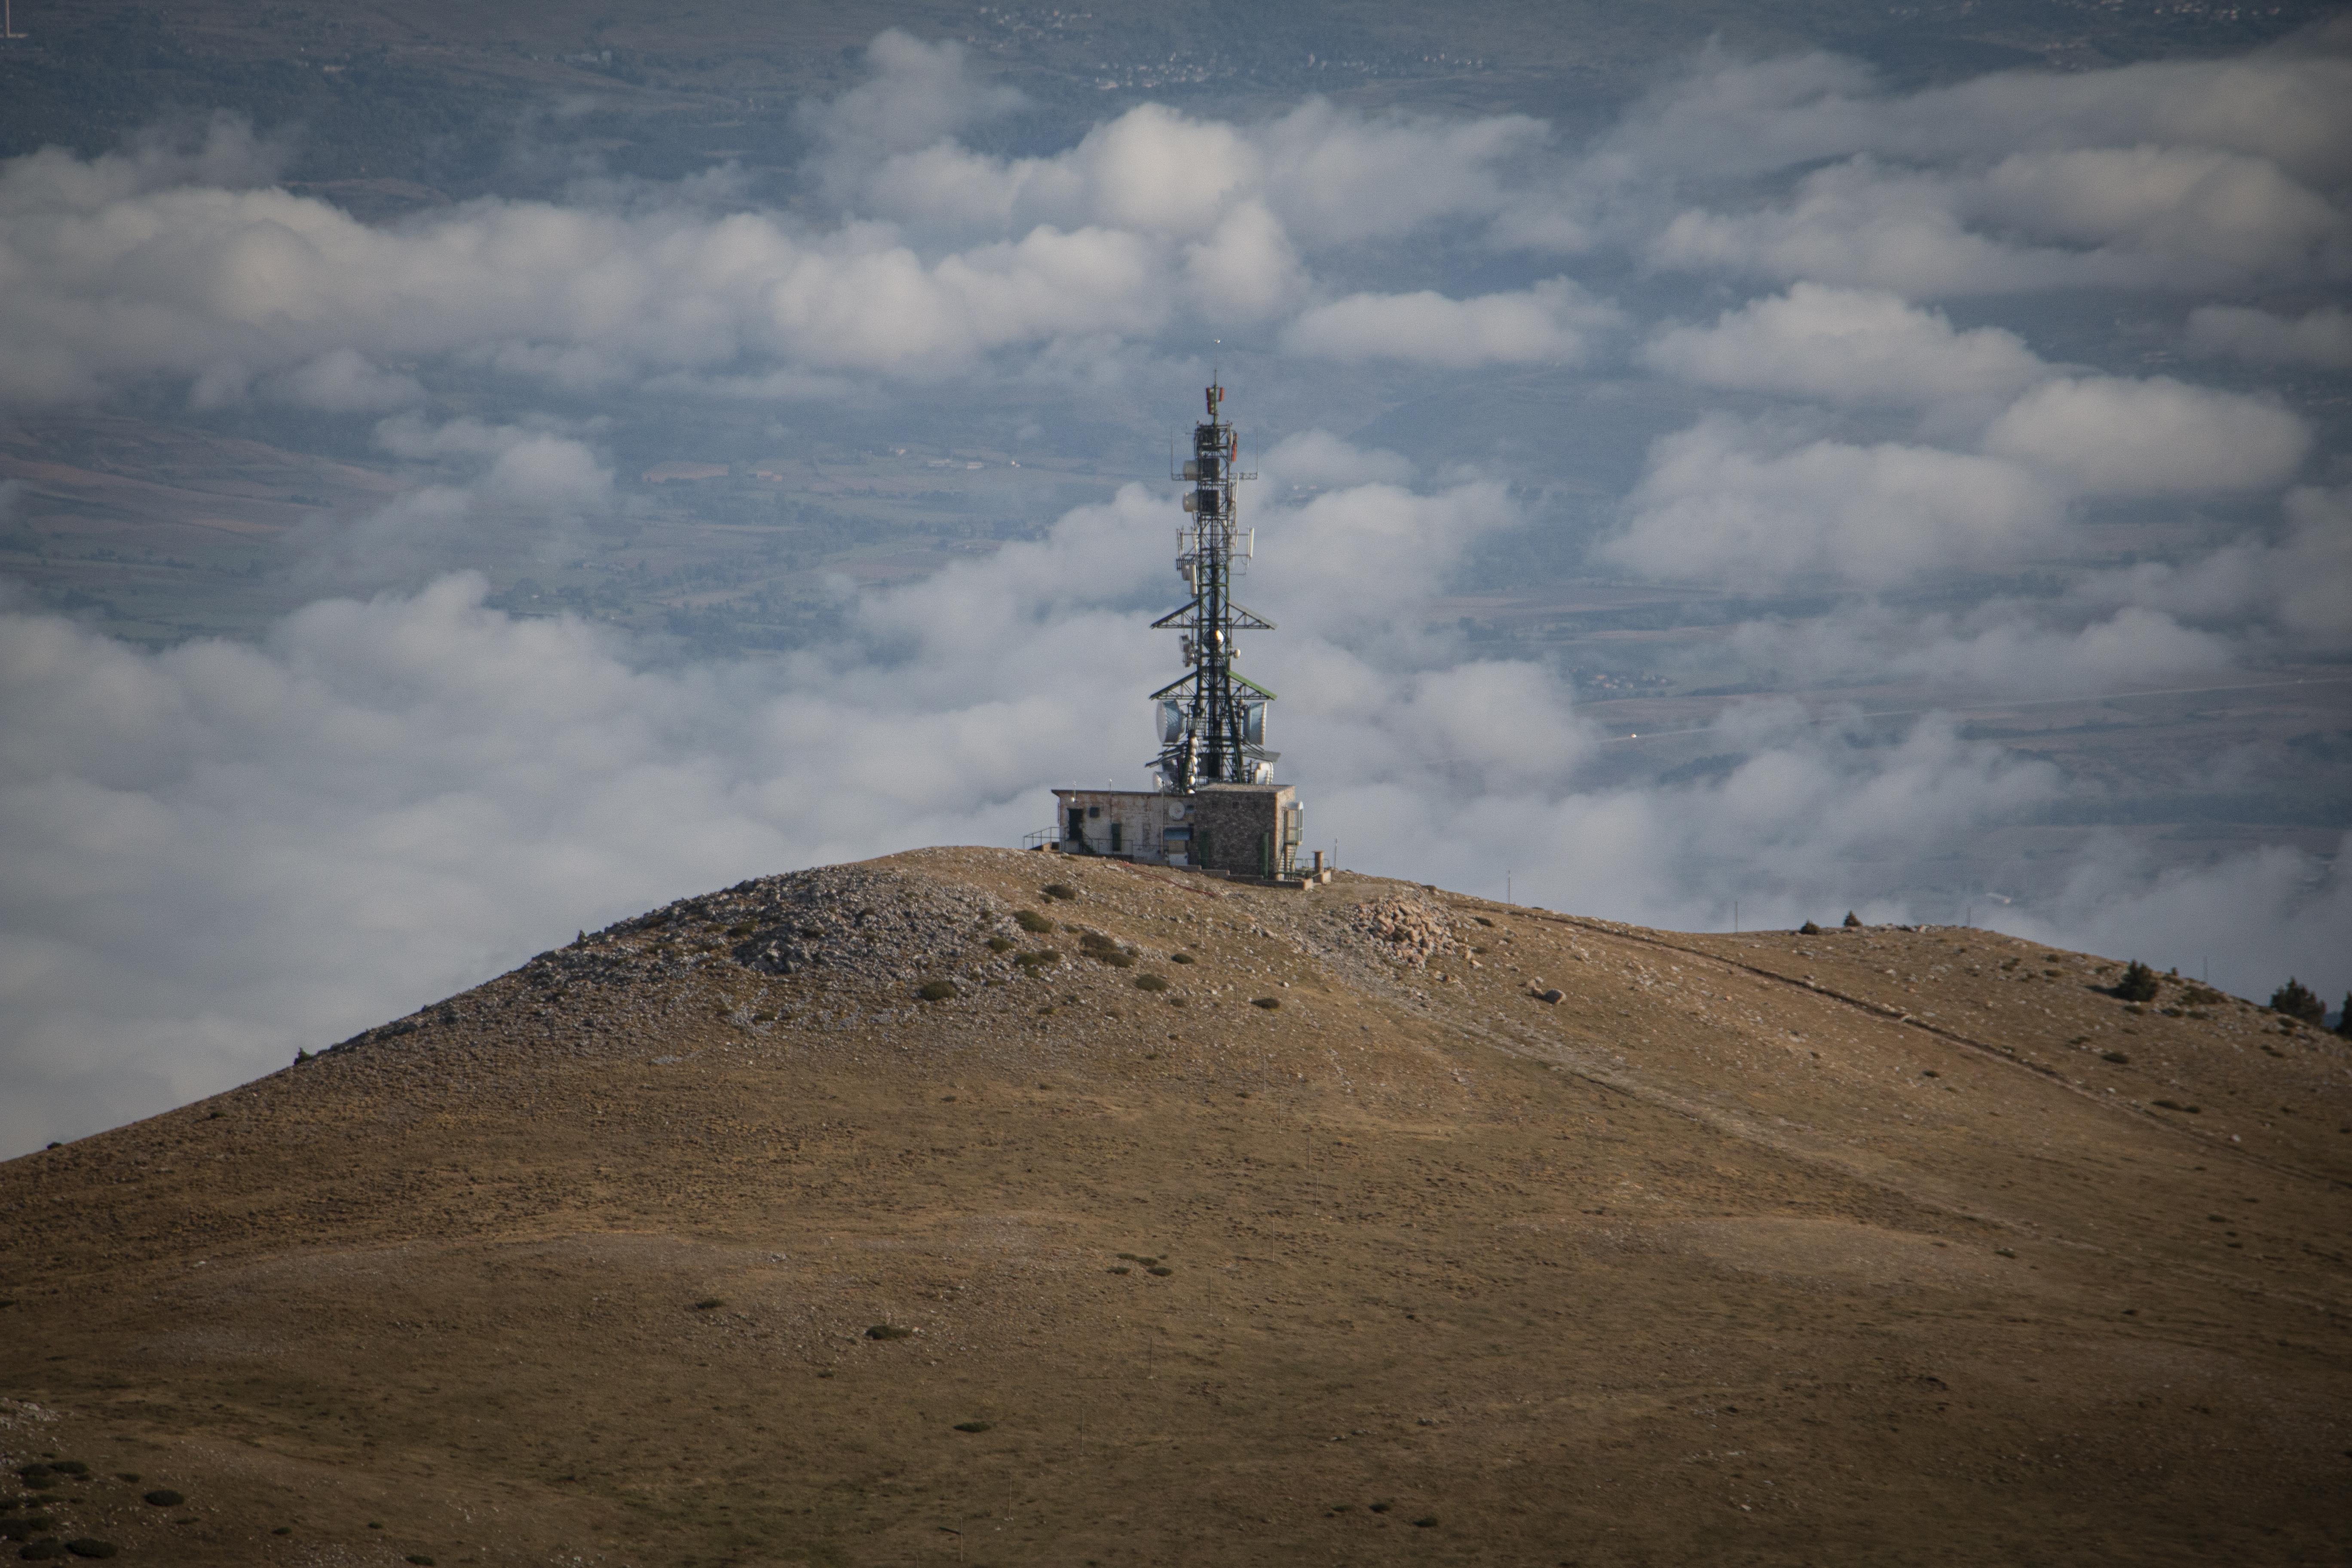 Ultra Pirineu 7. FOTO: Anna E. Puig